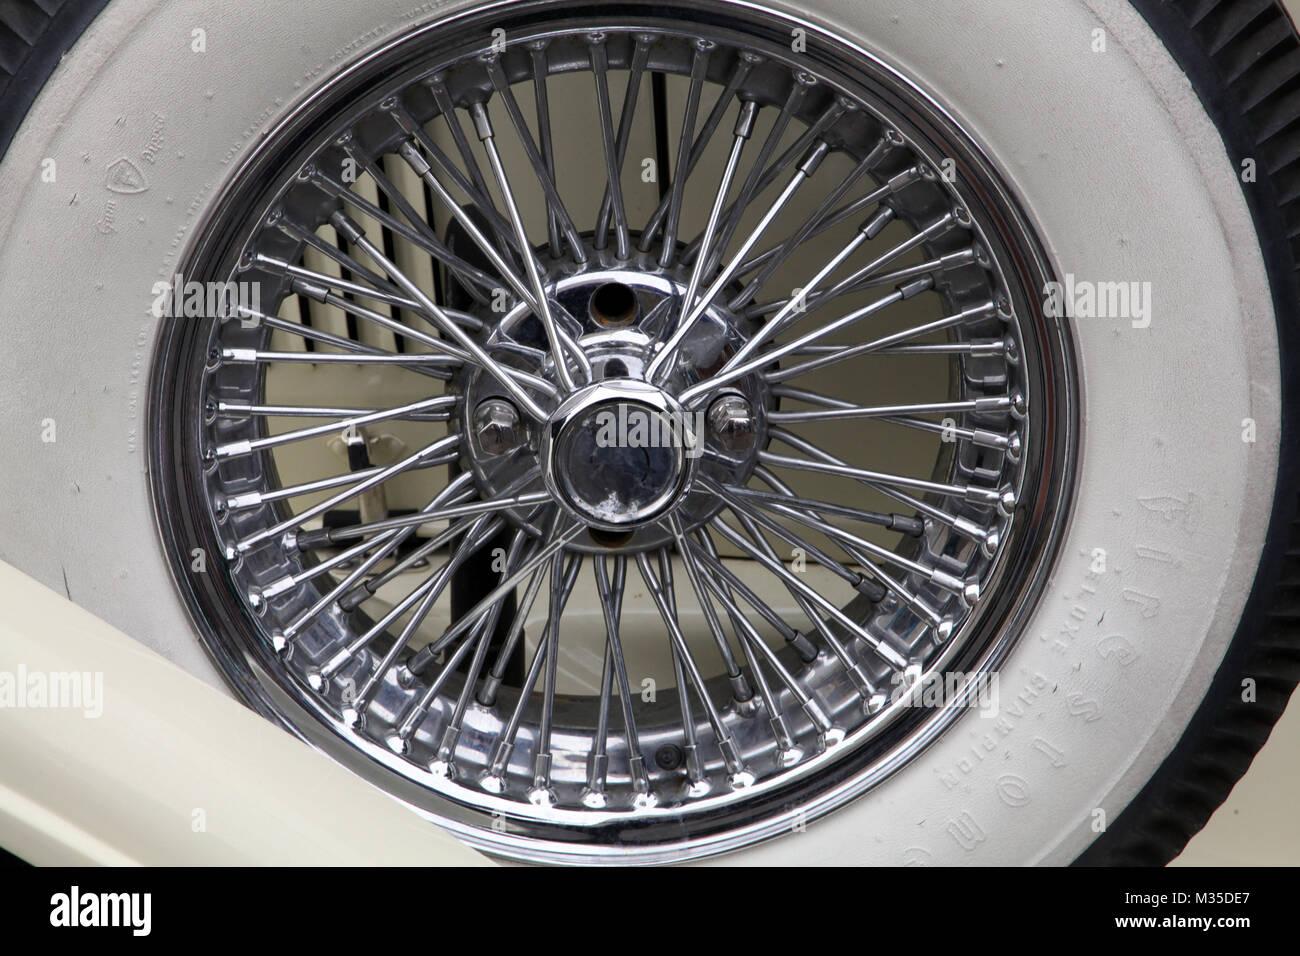 Vue rapprochée d'une paroi en acier blanc avec des pneus à rayons de roue fil Photo Stock